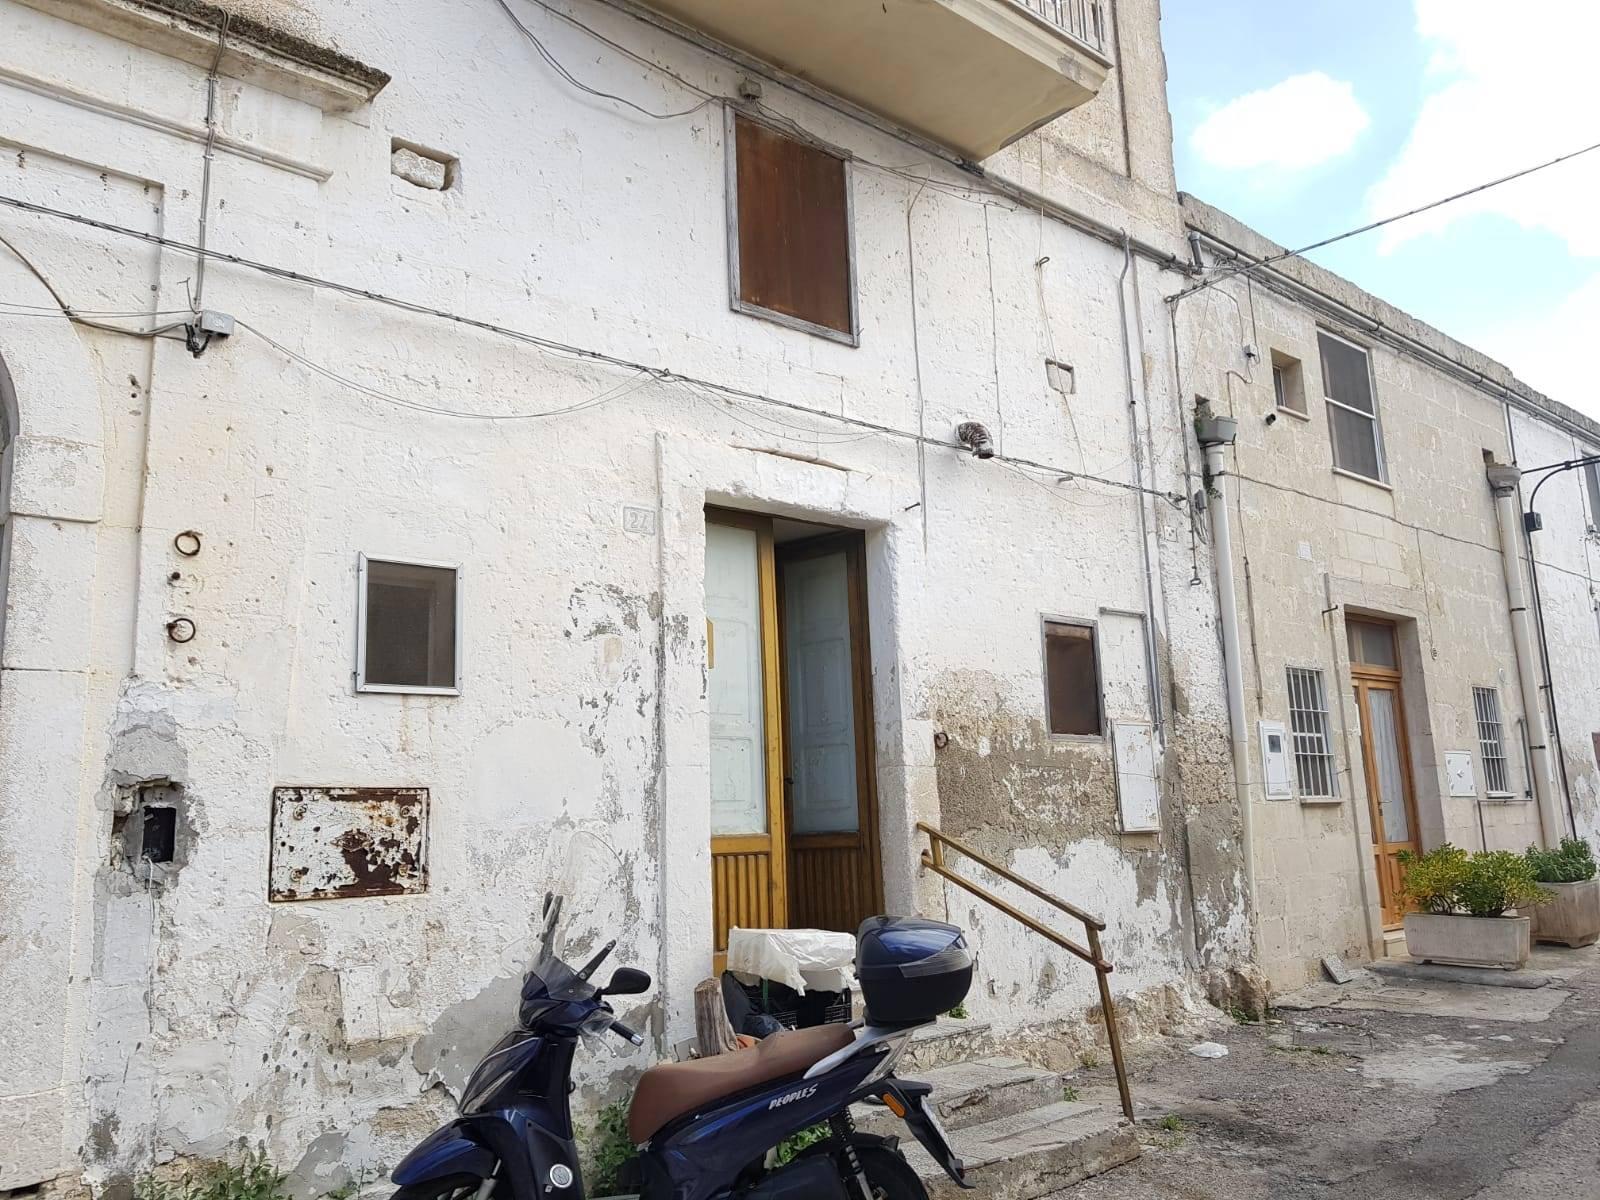 Appartamento in vendita a Matera, 2 locali, zona Zona: Centro storico, prezzo € 133.000 | CambioCasa.it